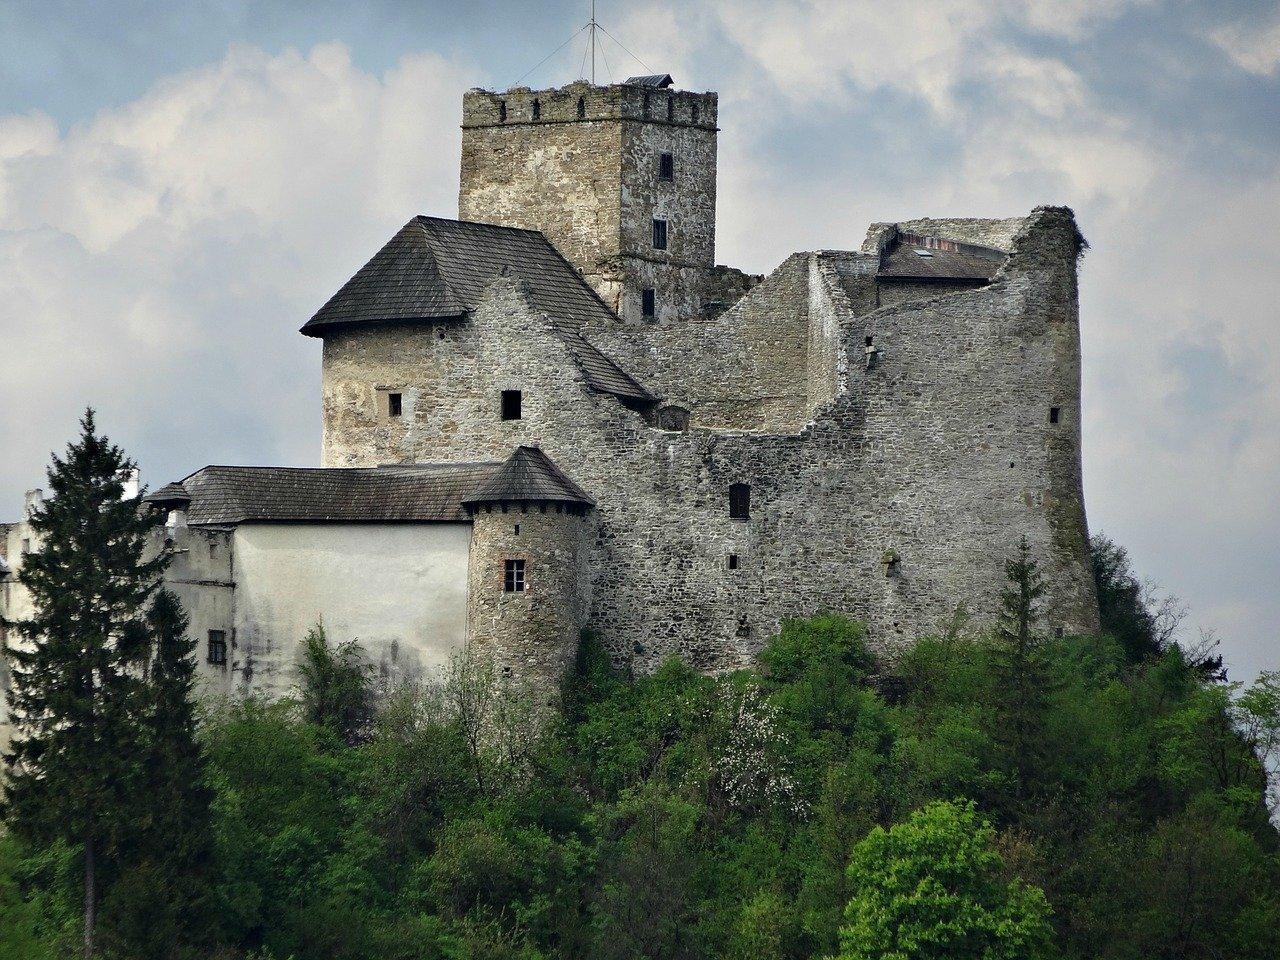 Откриха 10 тона нацистко злато, скрито в замък в Полша